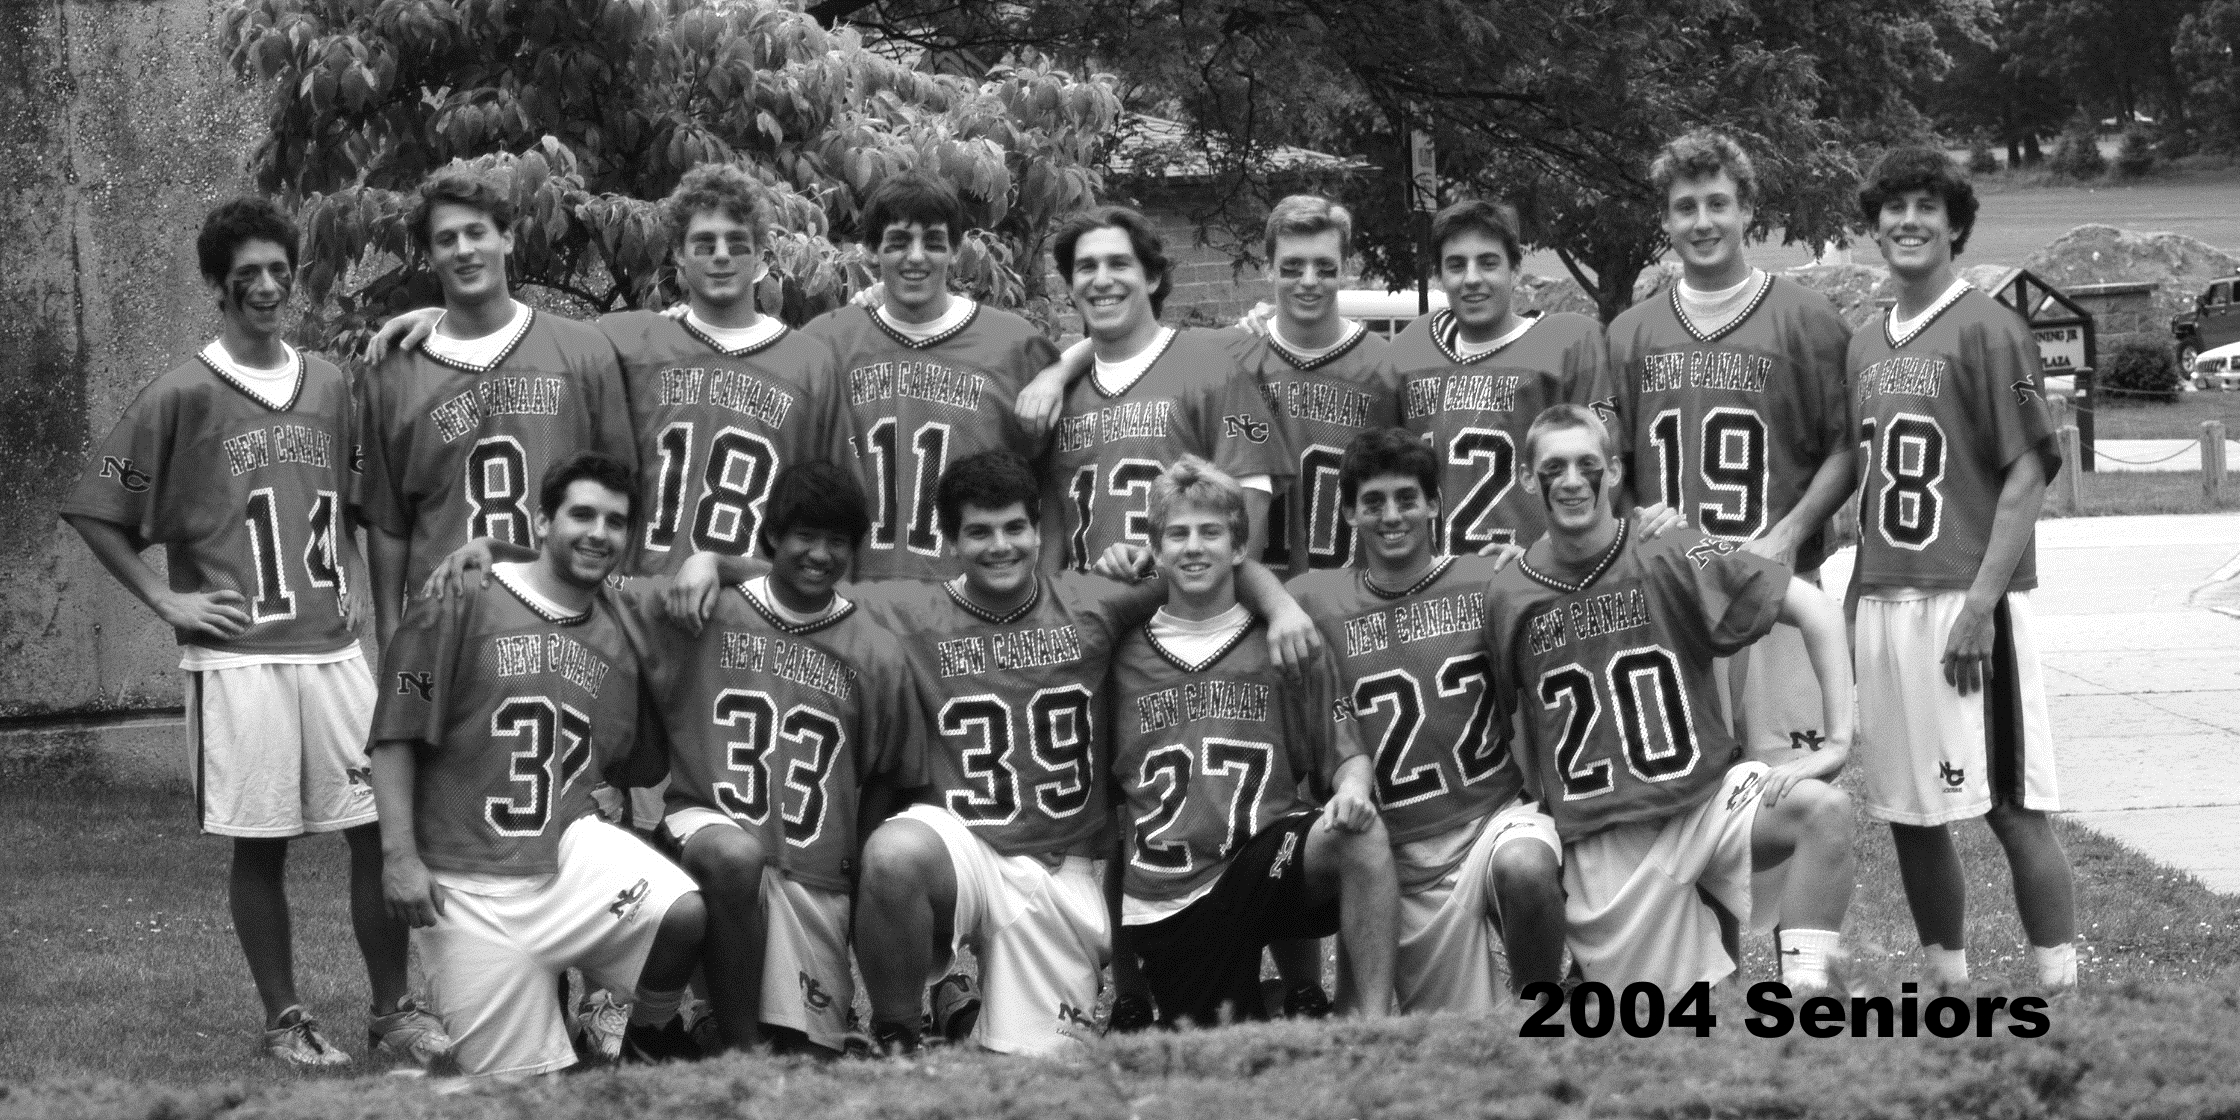 2004 NC Lax Team Photo.jpg